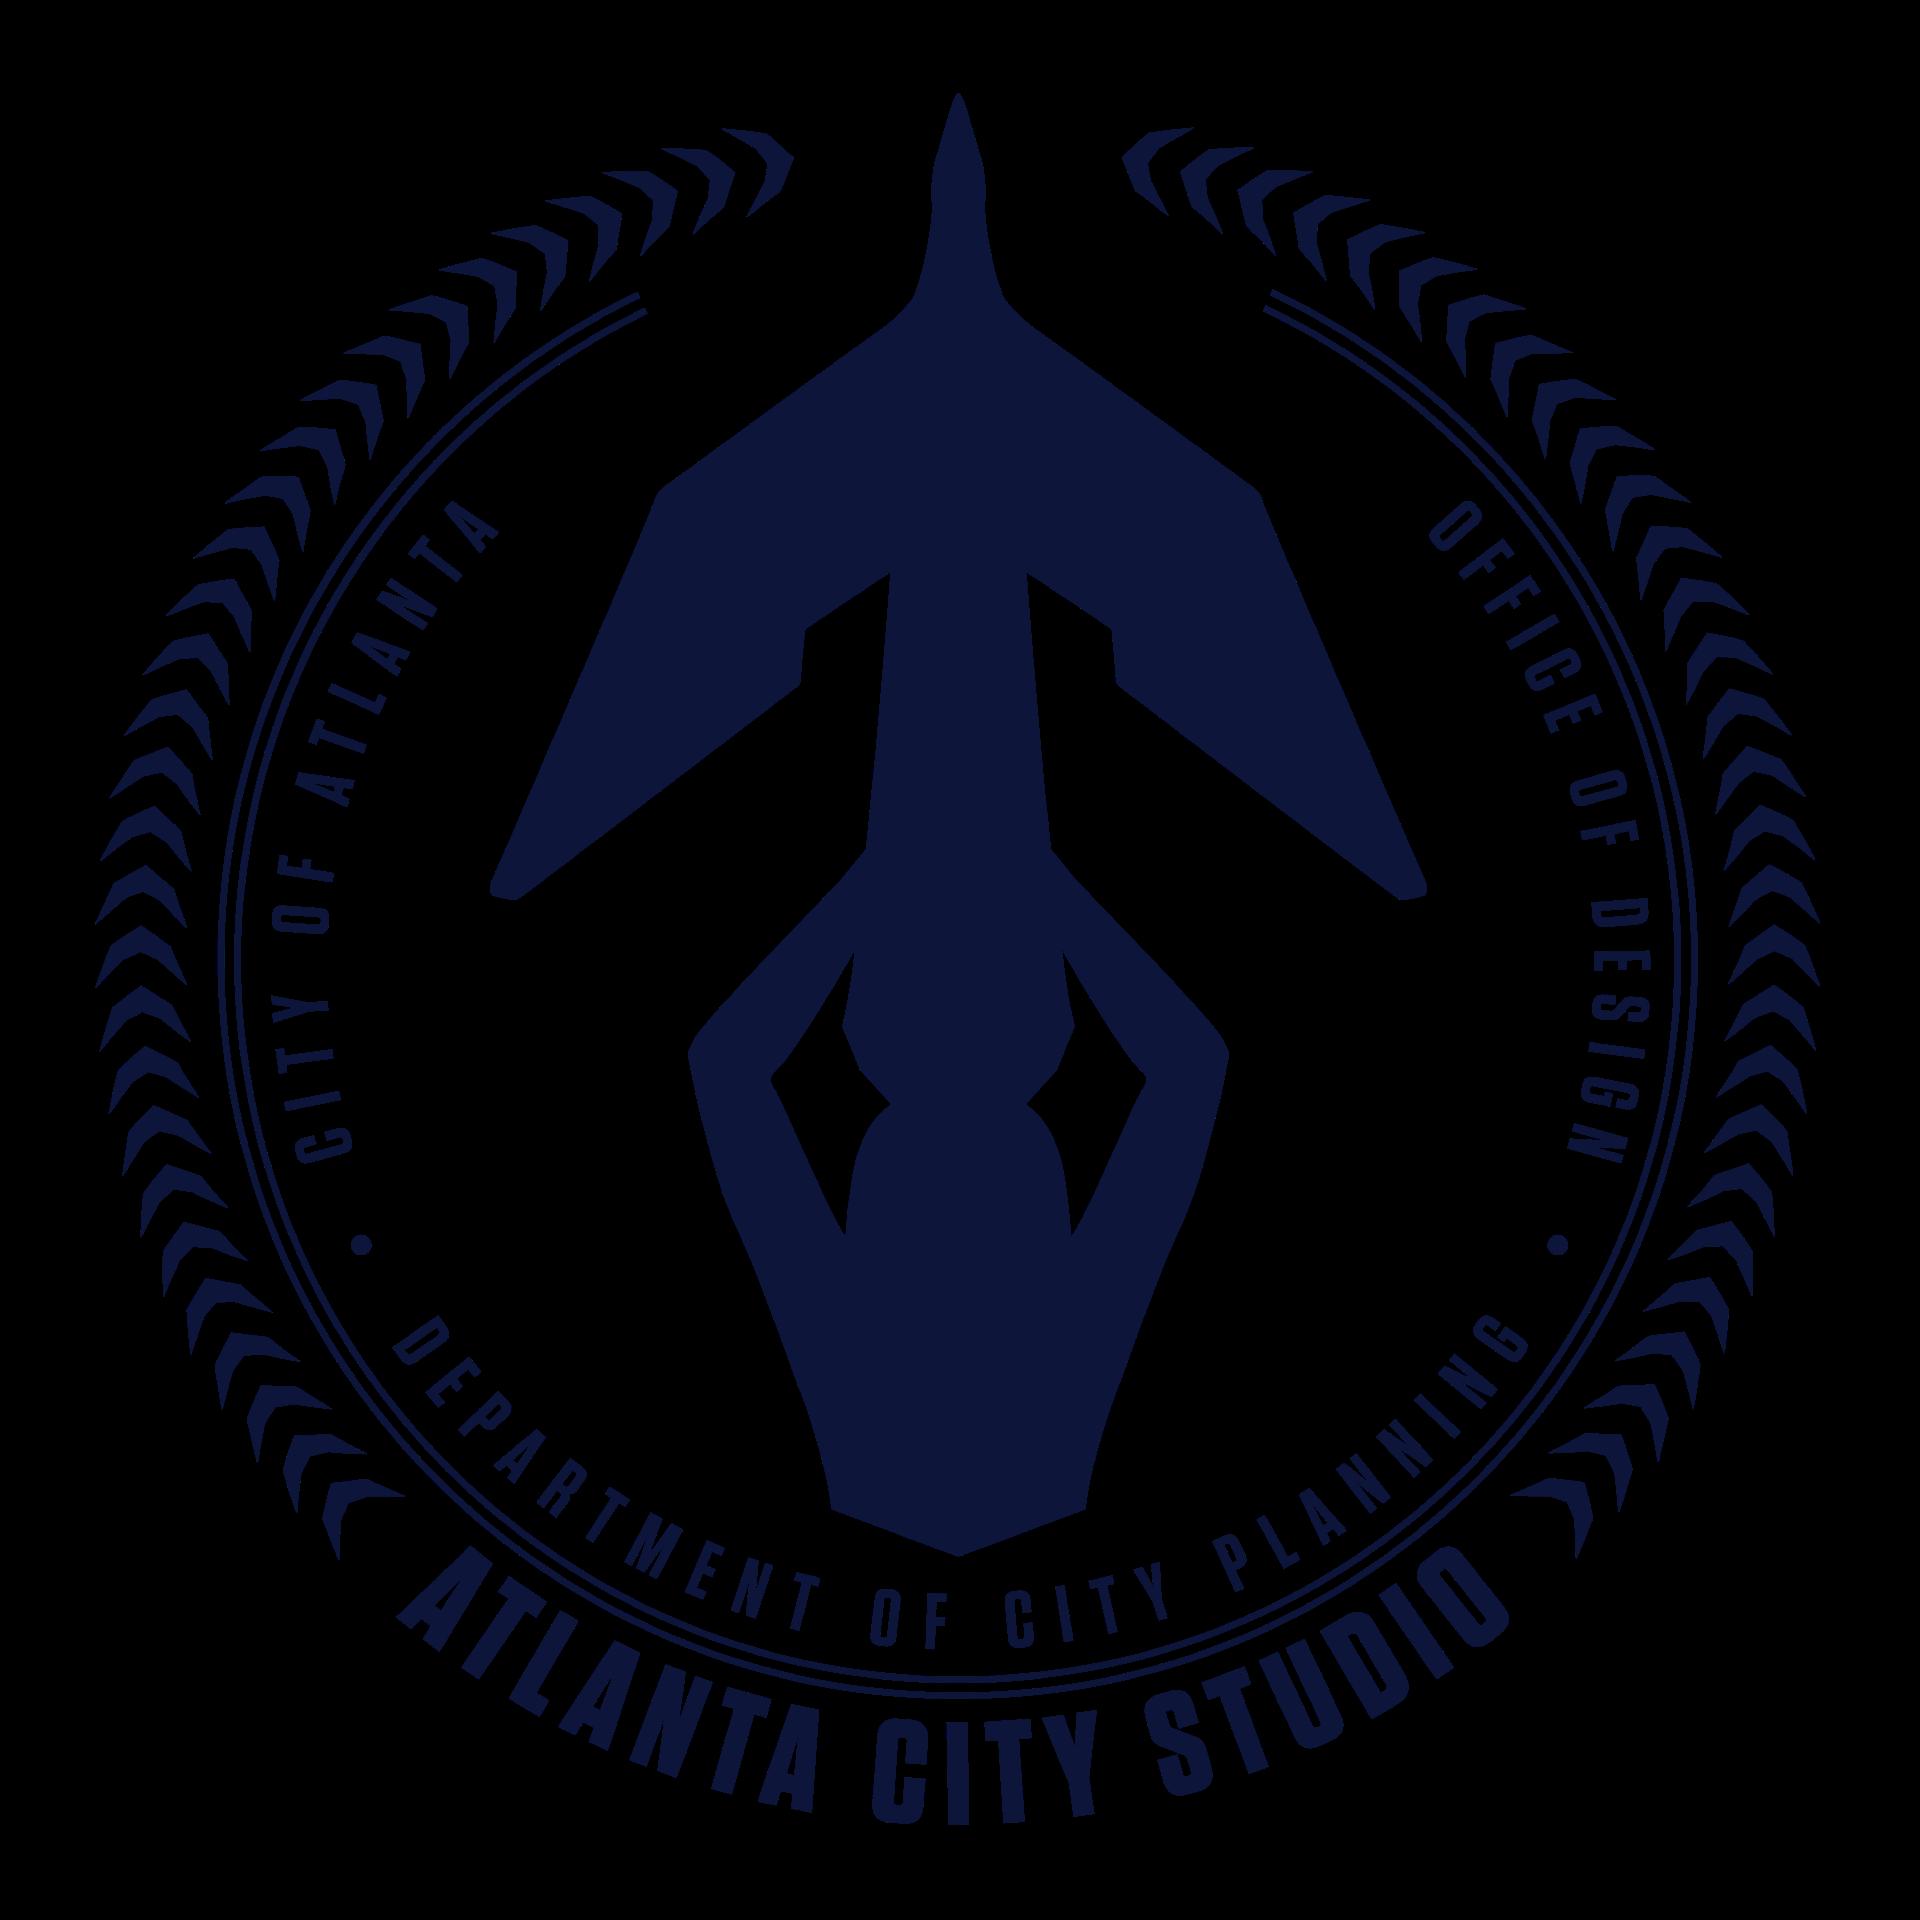 City Studio Logo